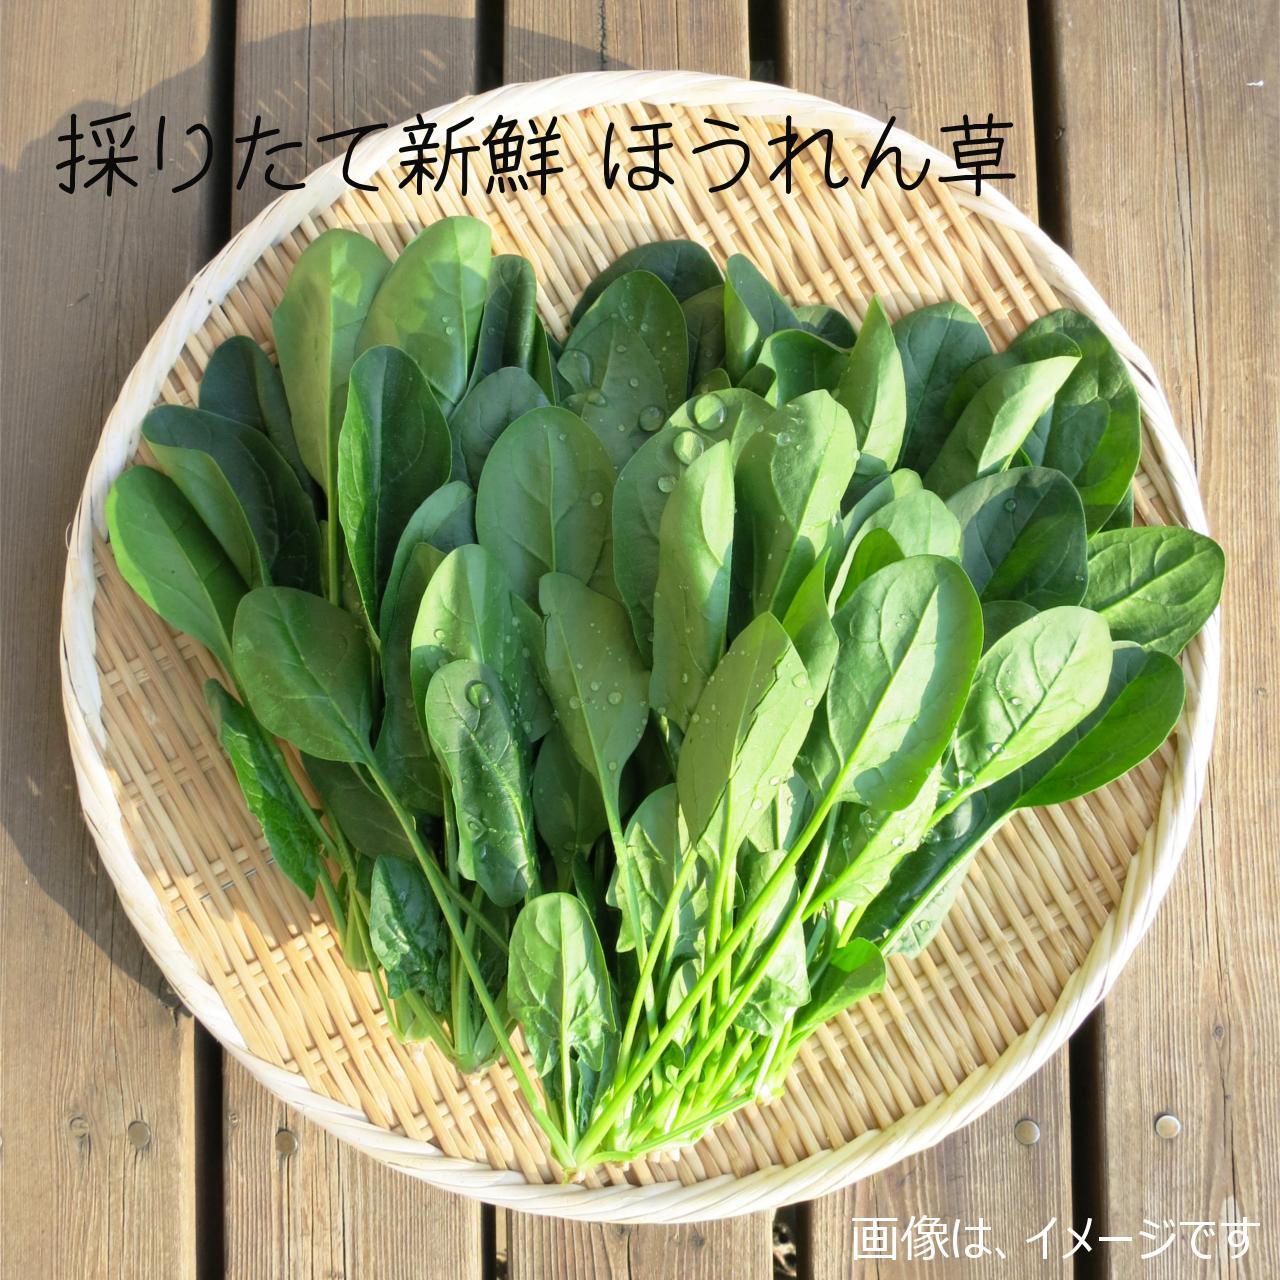 ホウレンソウ 約400g : 6月の朝採り直売野菜 6月22日発送予定